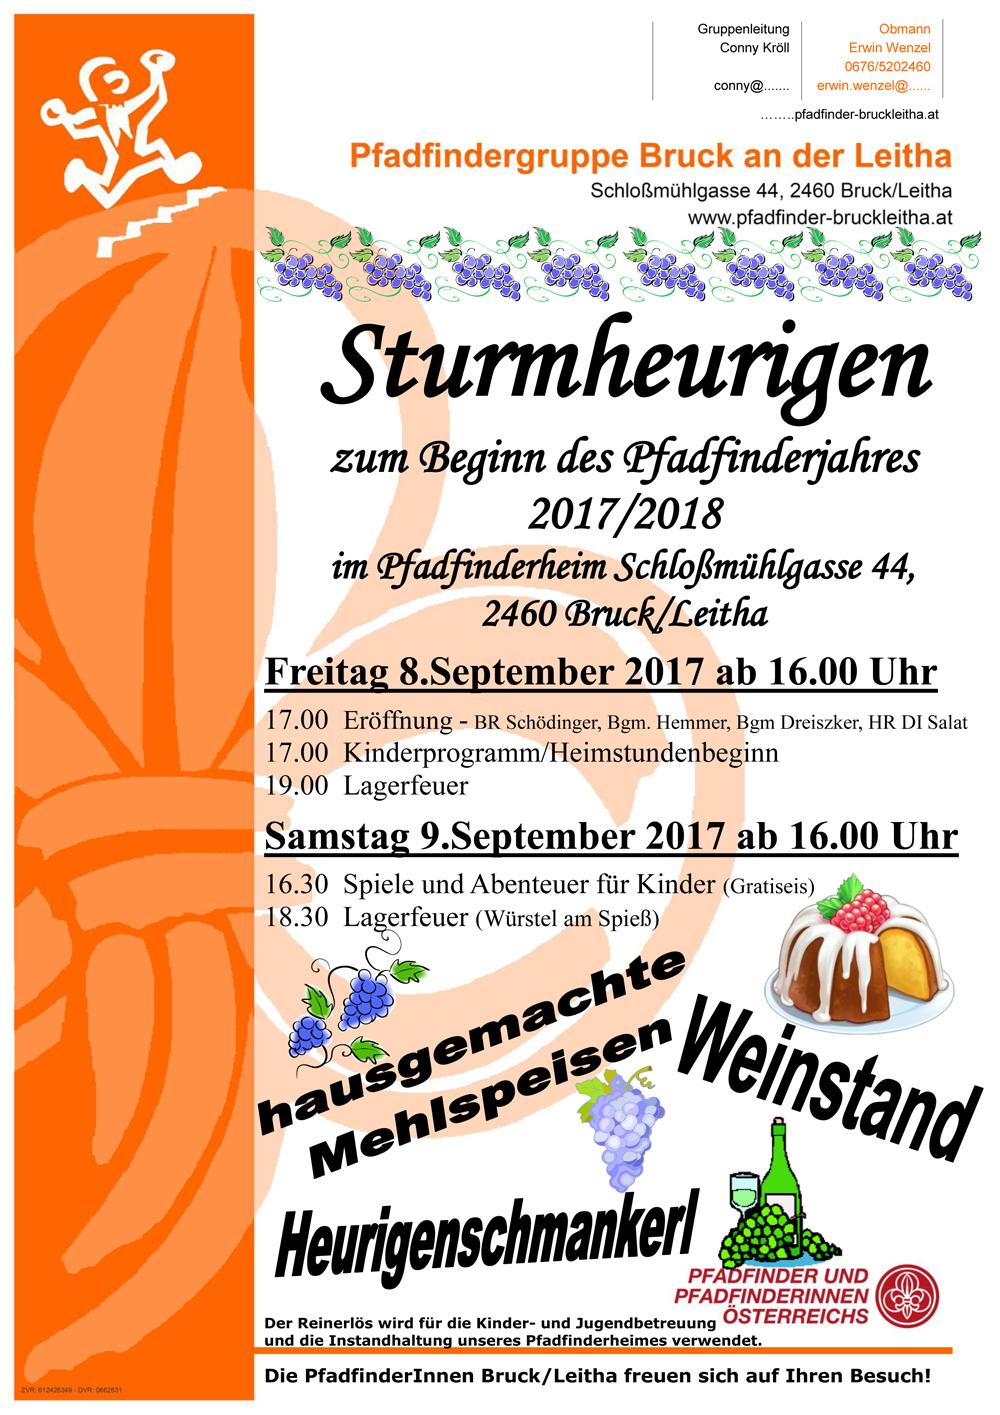 Sturmheurigen der Pfadfindergruppe - 8.9.-9.9.2017